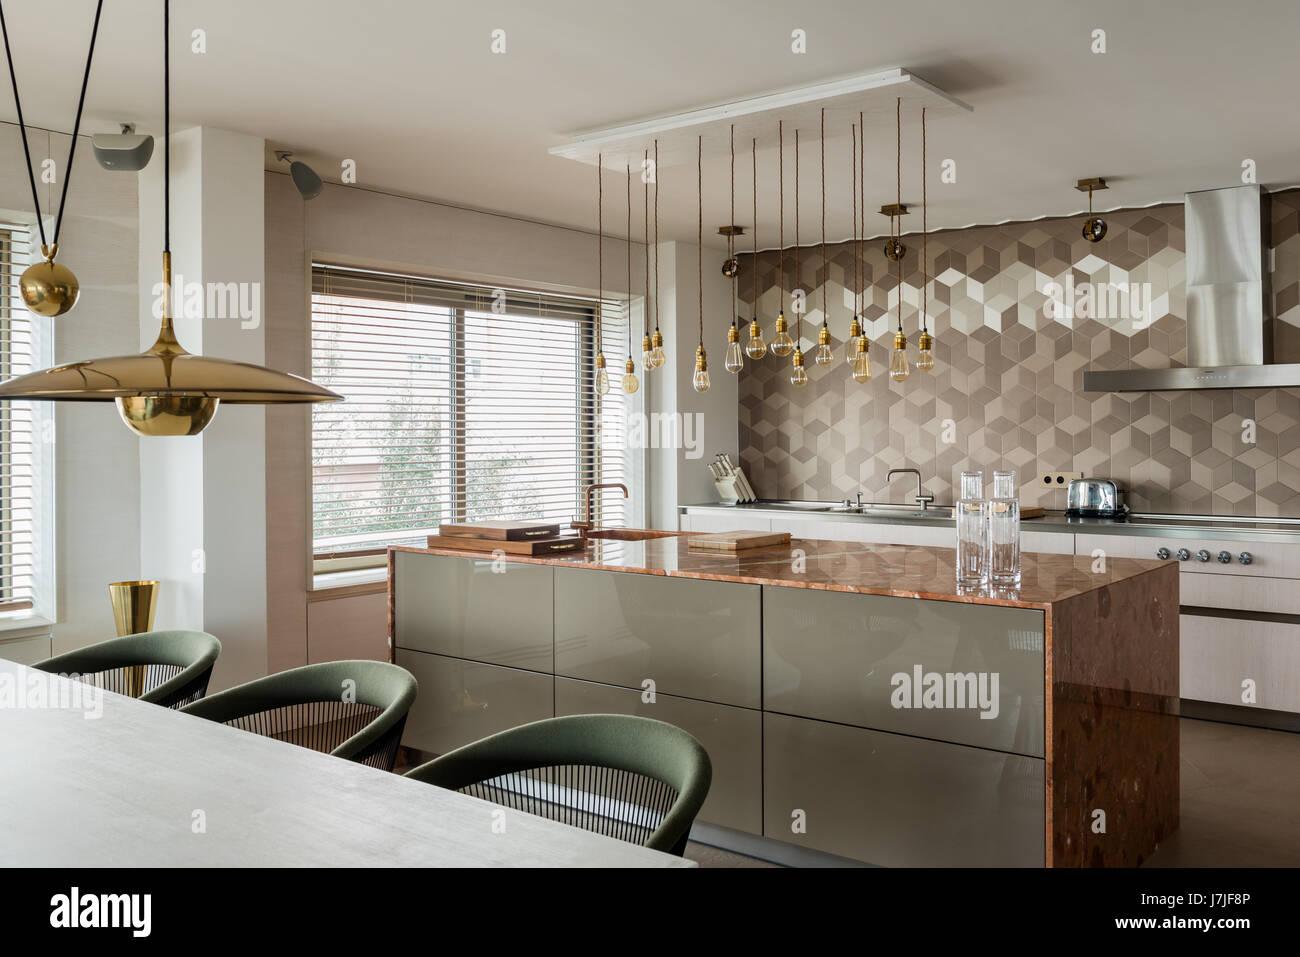 marmor-arbeitsplatte kücheninsel mit bulthaup einheiten und messing